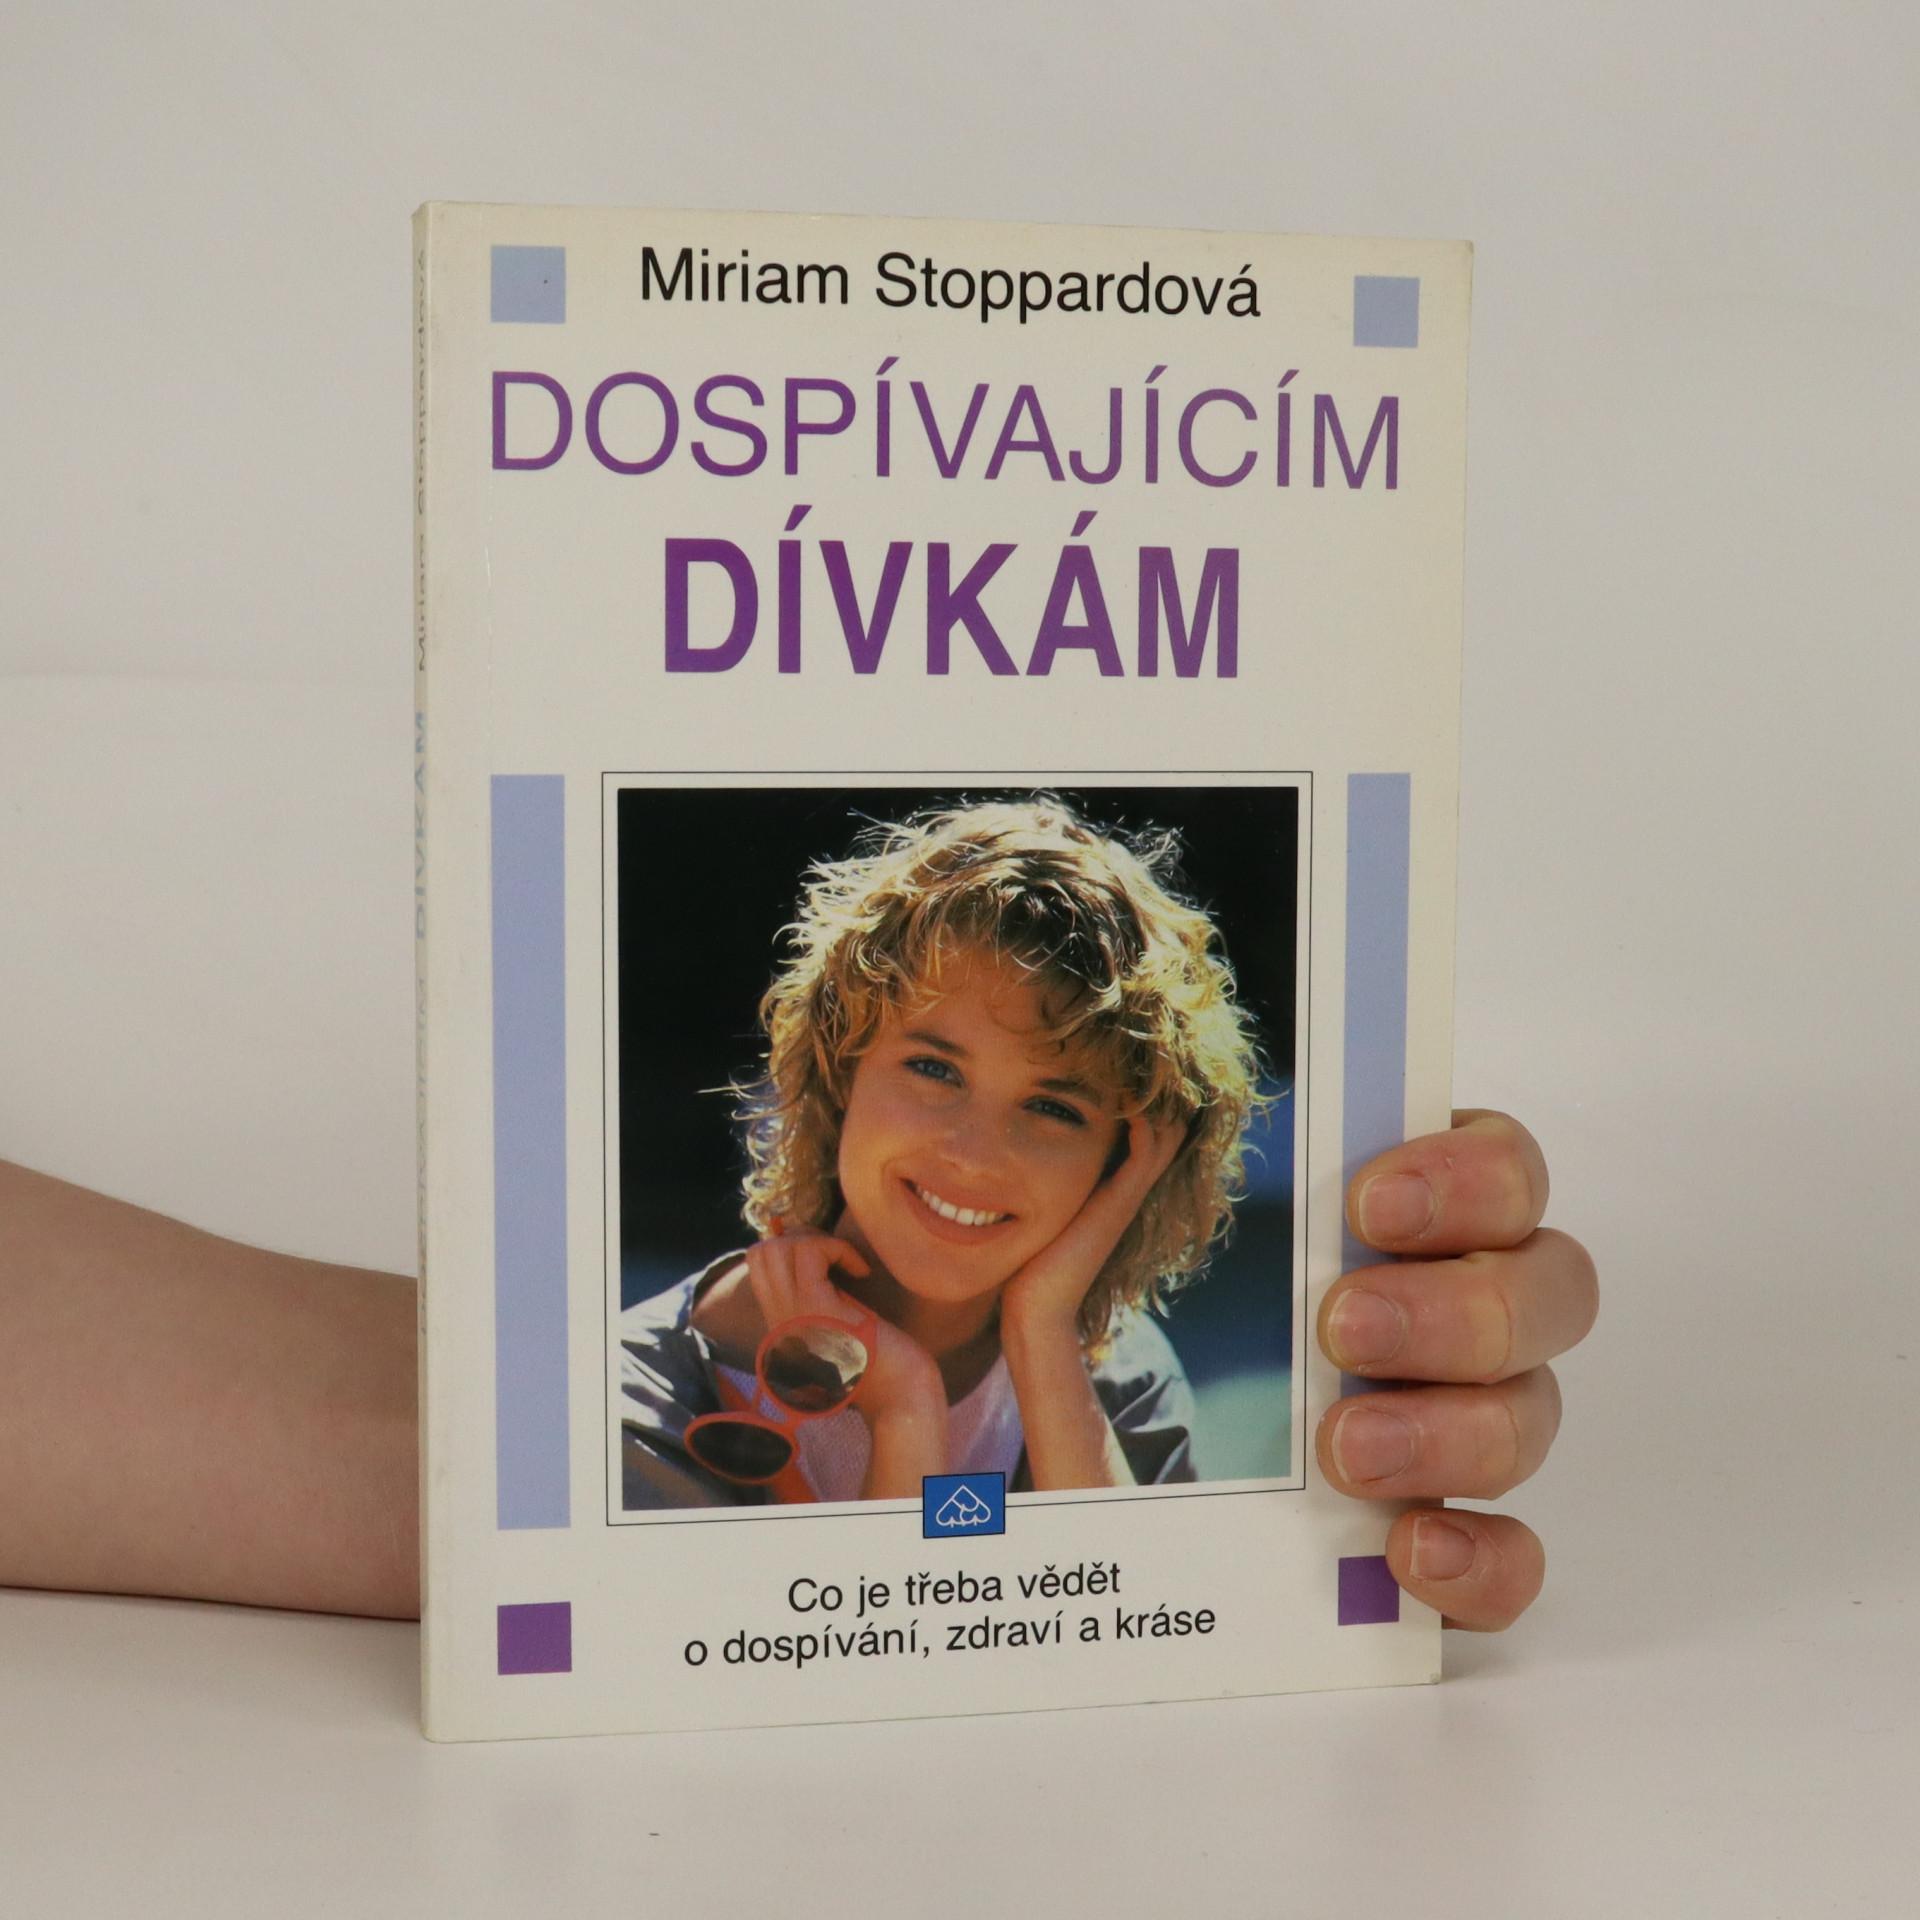 antikvární kniha Dospívajícím dívkám, 1992